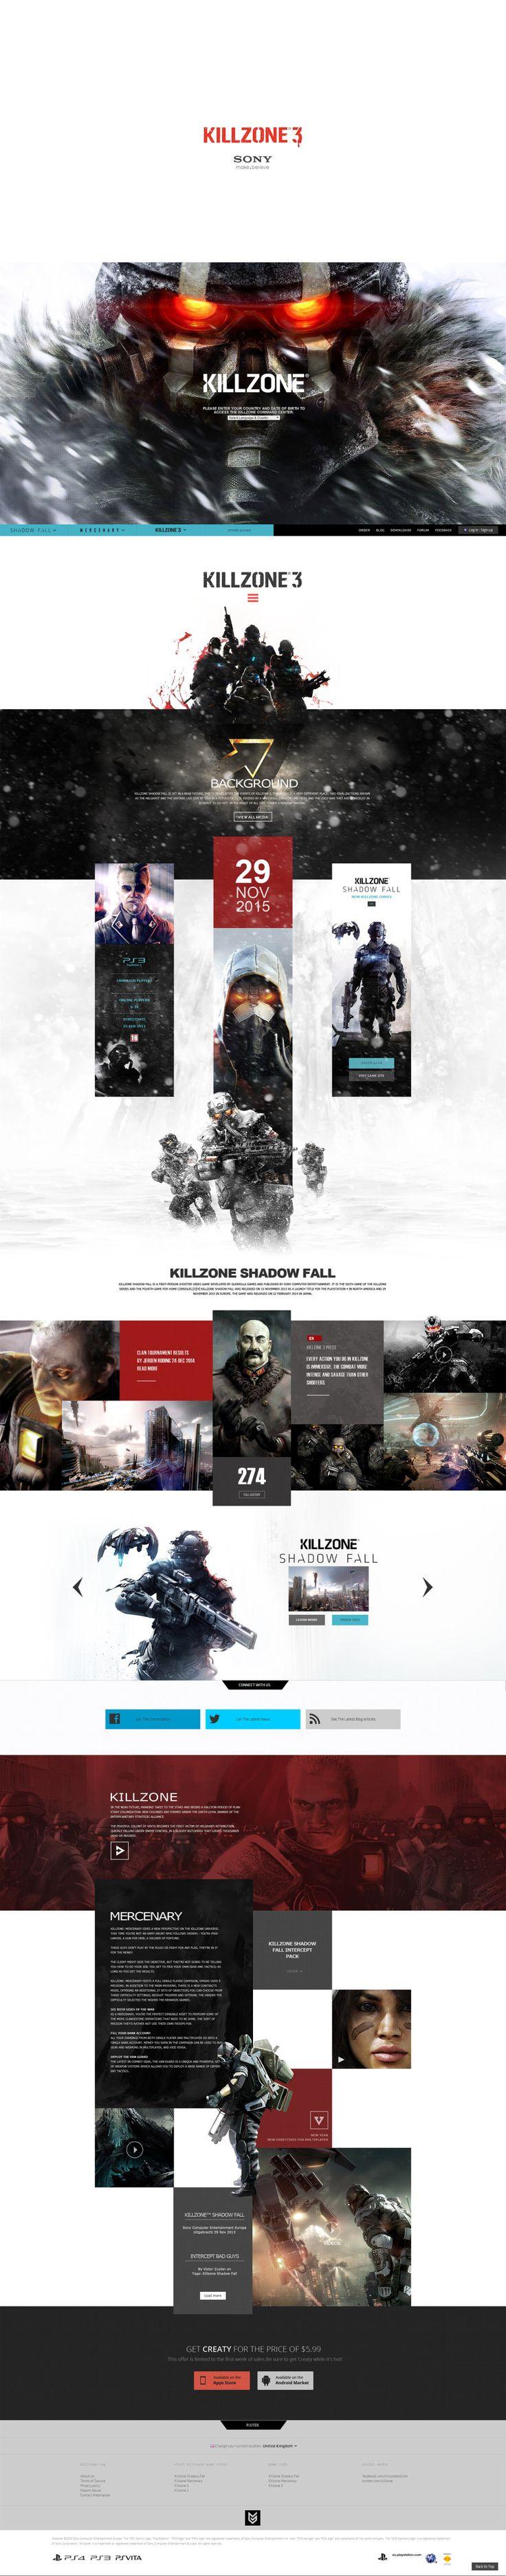 查看《killzone 页面设计》原图,原图尺寸:1536x7817